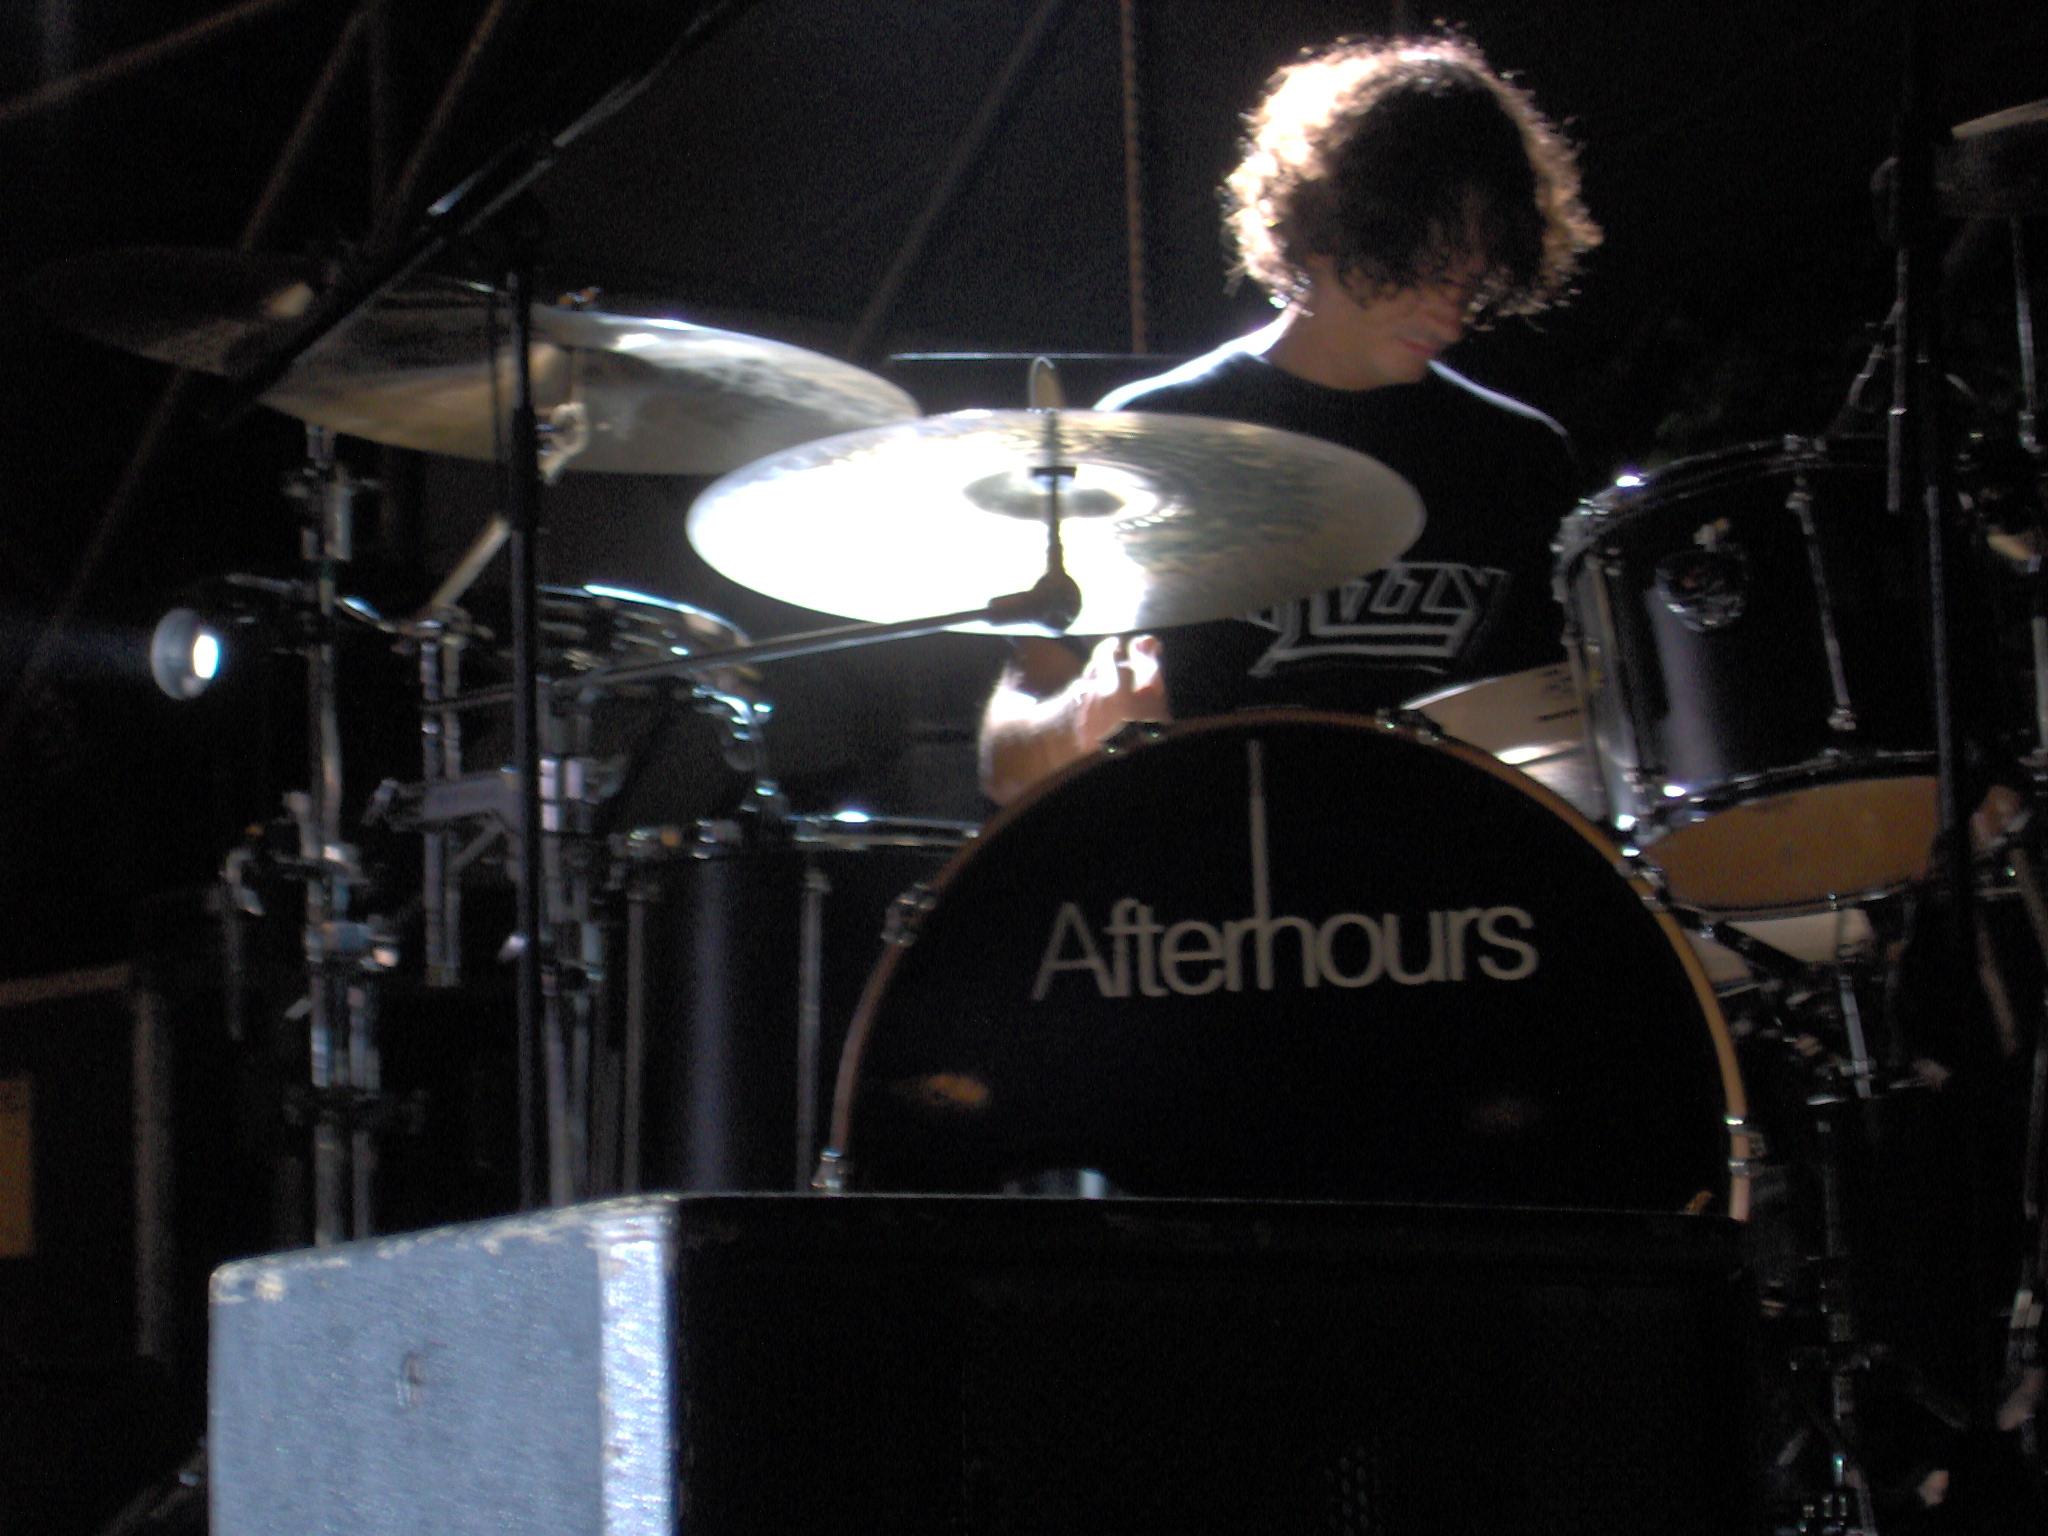 afterhours-Giorgio_Prette